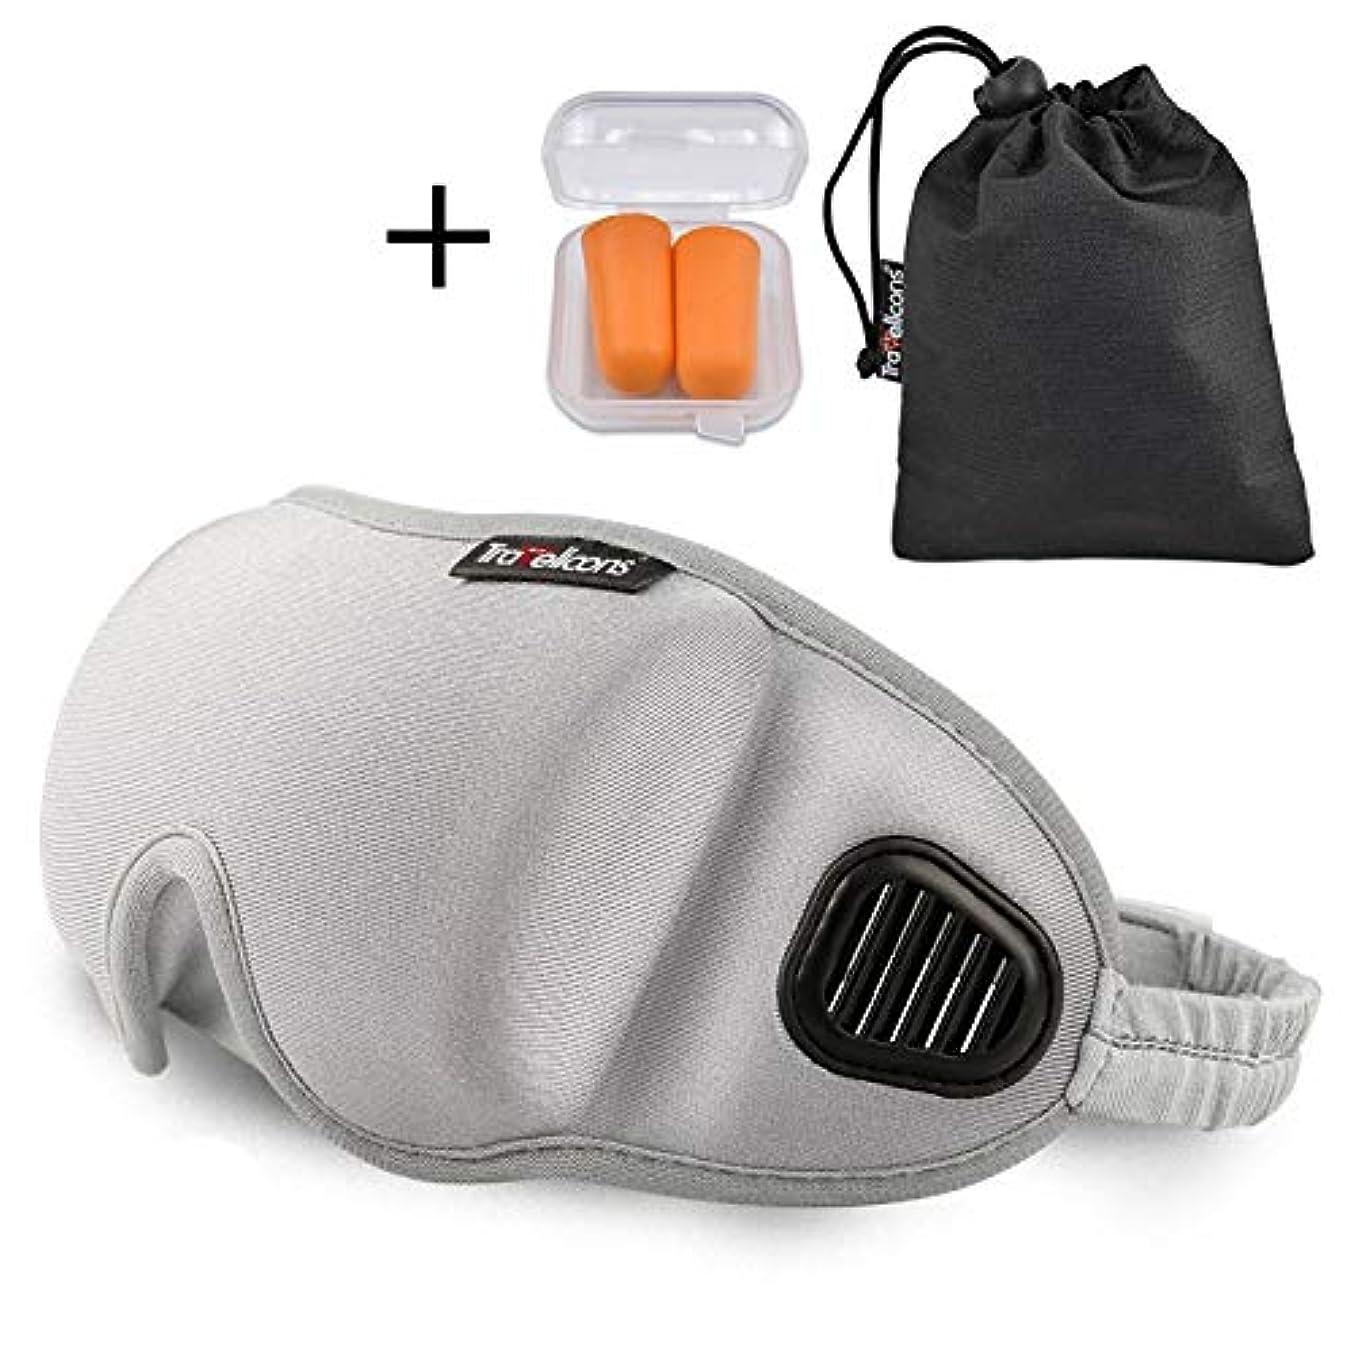 コウモリマーベル引くNOTE 3d立体睡眠マスク柔らかいビロード通気性睡眠アイマスクアイレストマッサージ100%シェーディングストラップ調節可能な男性女性